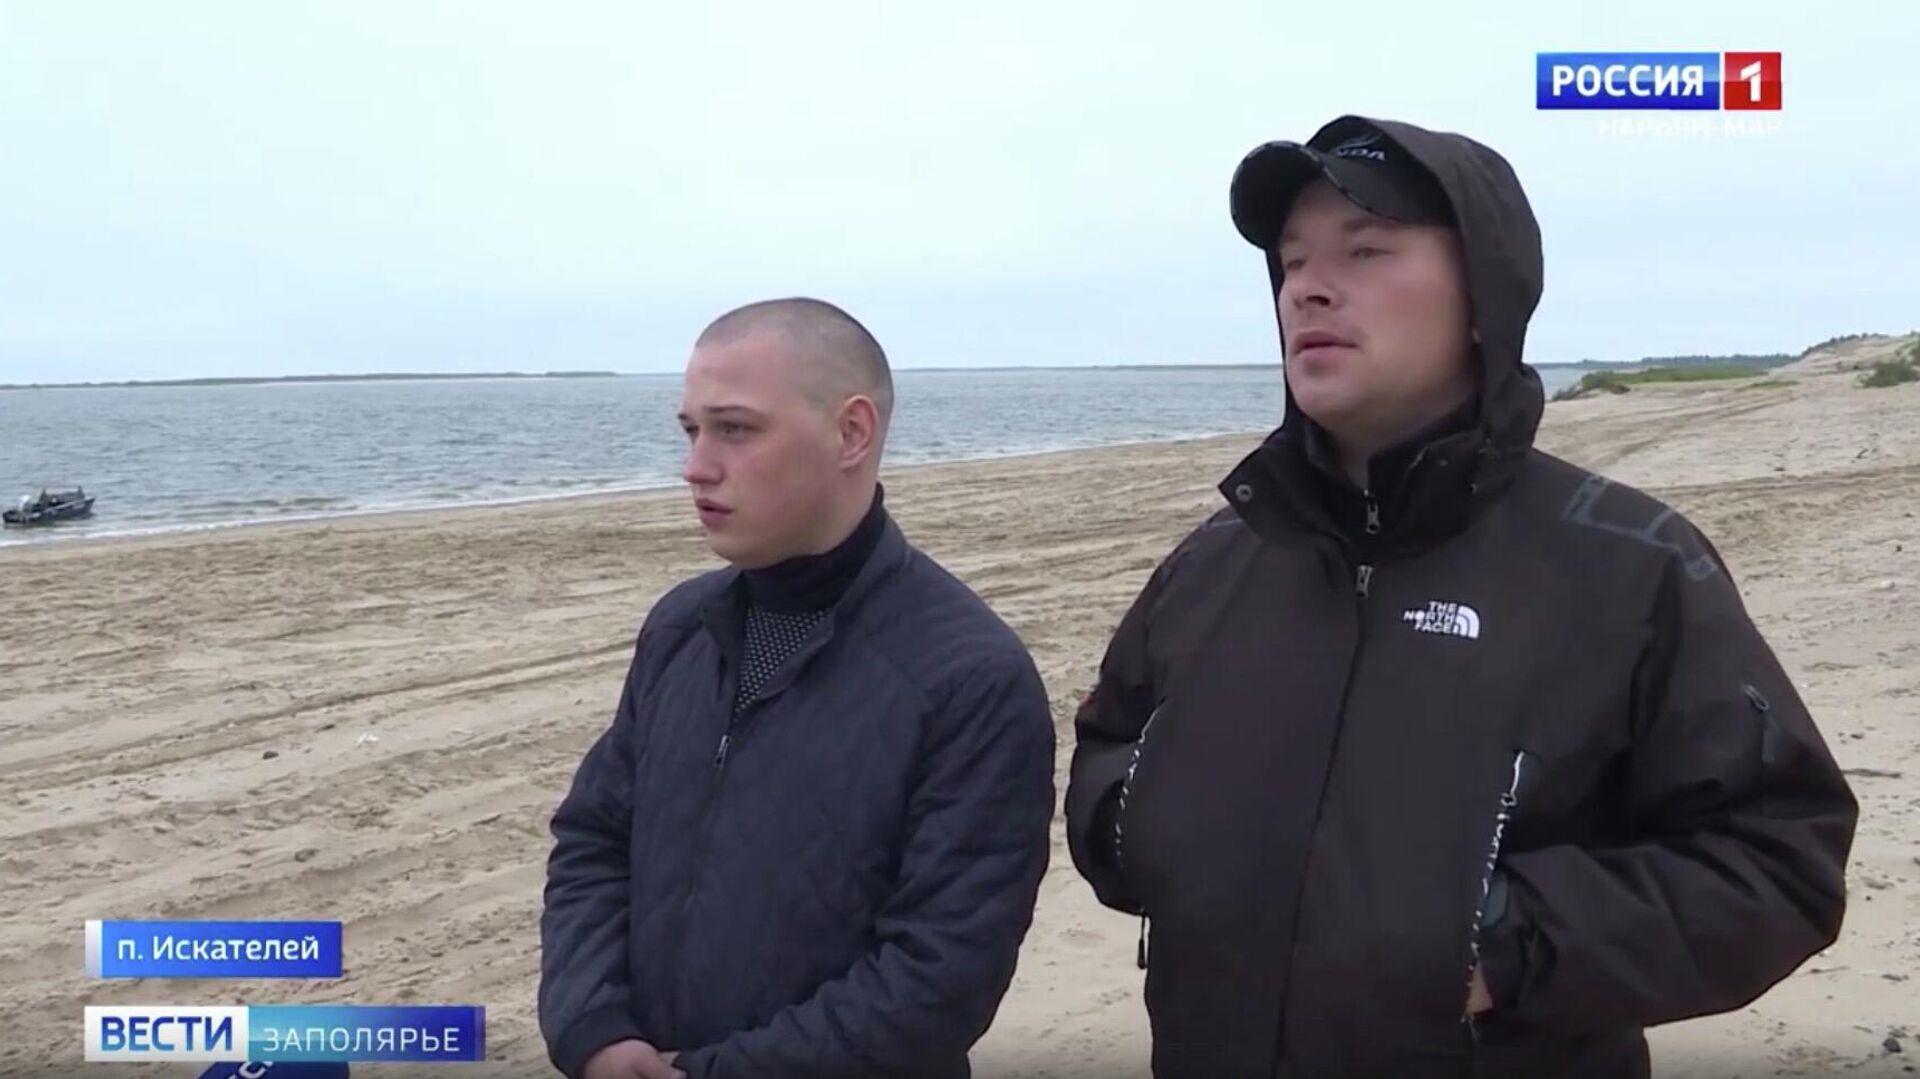 Во Владивостоке полицейский спас купающегося, потерявшего сознание в море